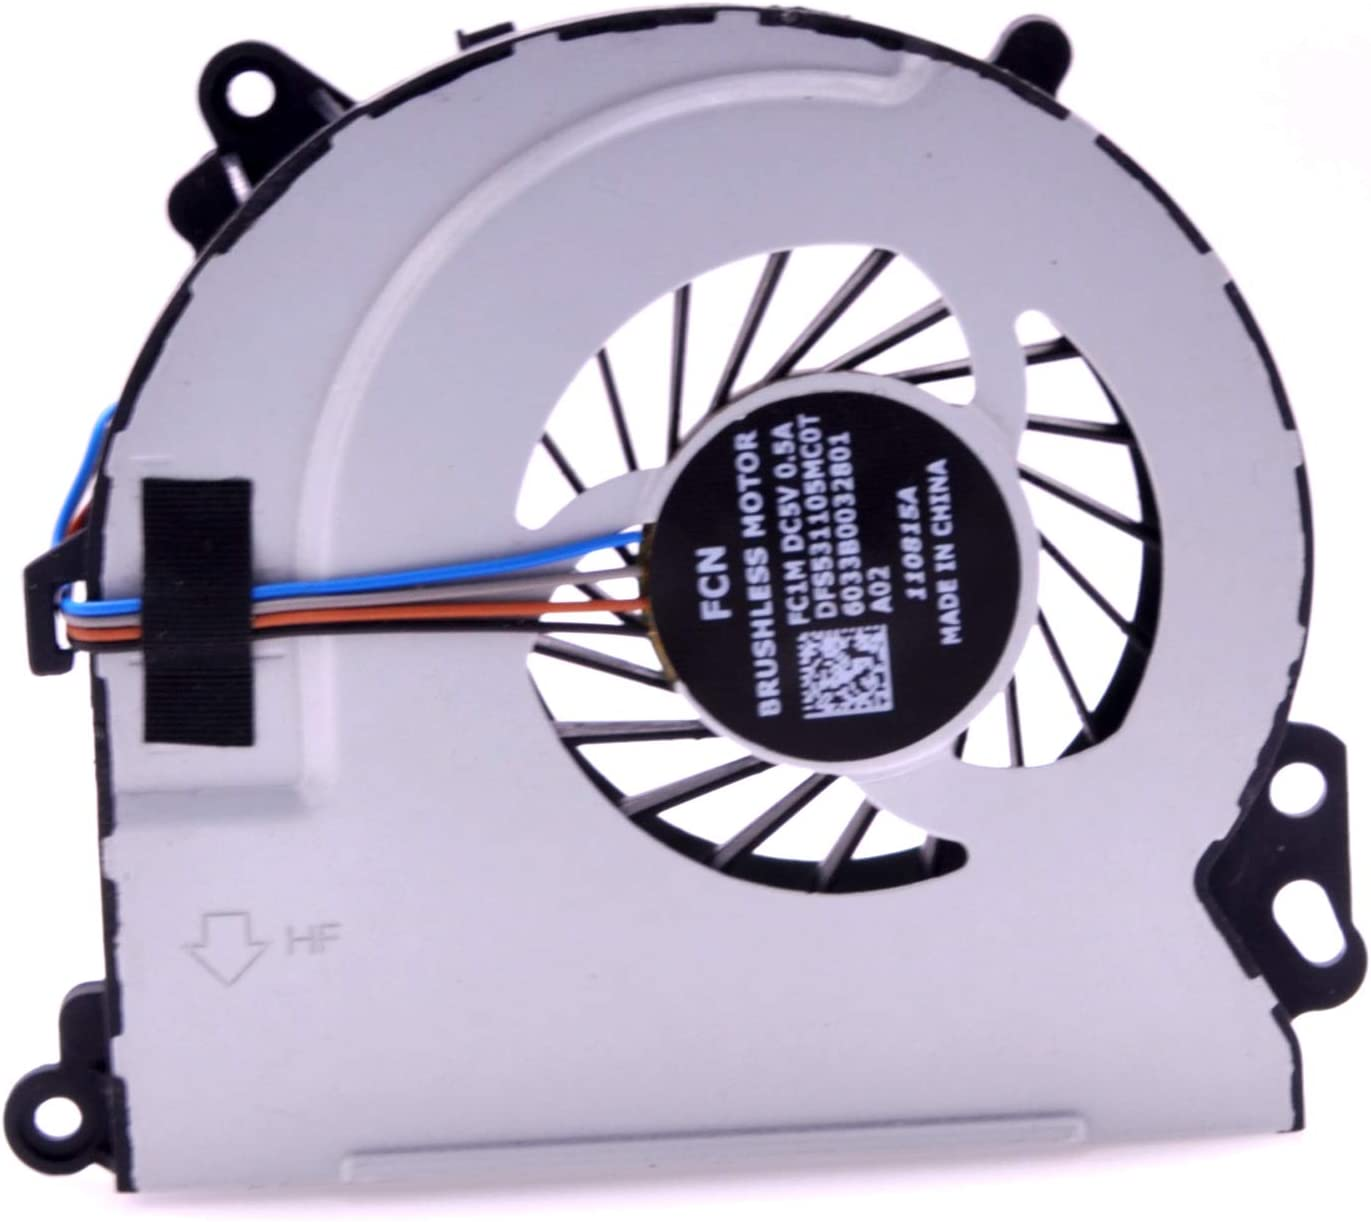 PartEGG CPU Fan for HP Envy 15-J 15-Q 17-J 17-J000 17-J100 17T-J M6-N M7-J 15T-J 15Z-J 15T-Q 15Z-Q Cooling Fan 6033B0032801 720235-001